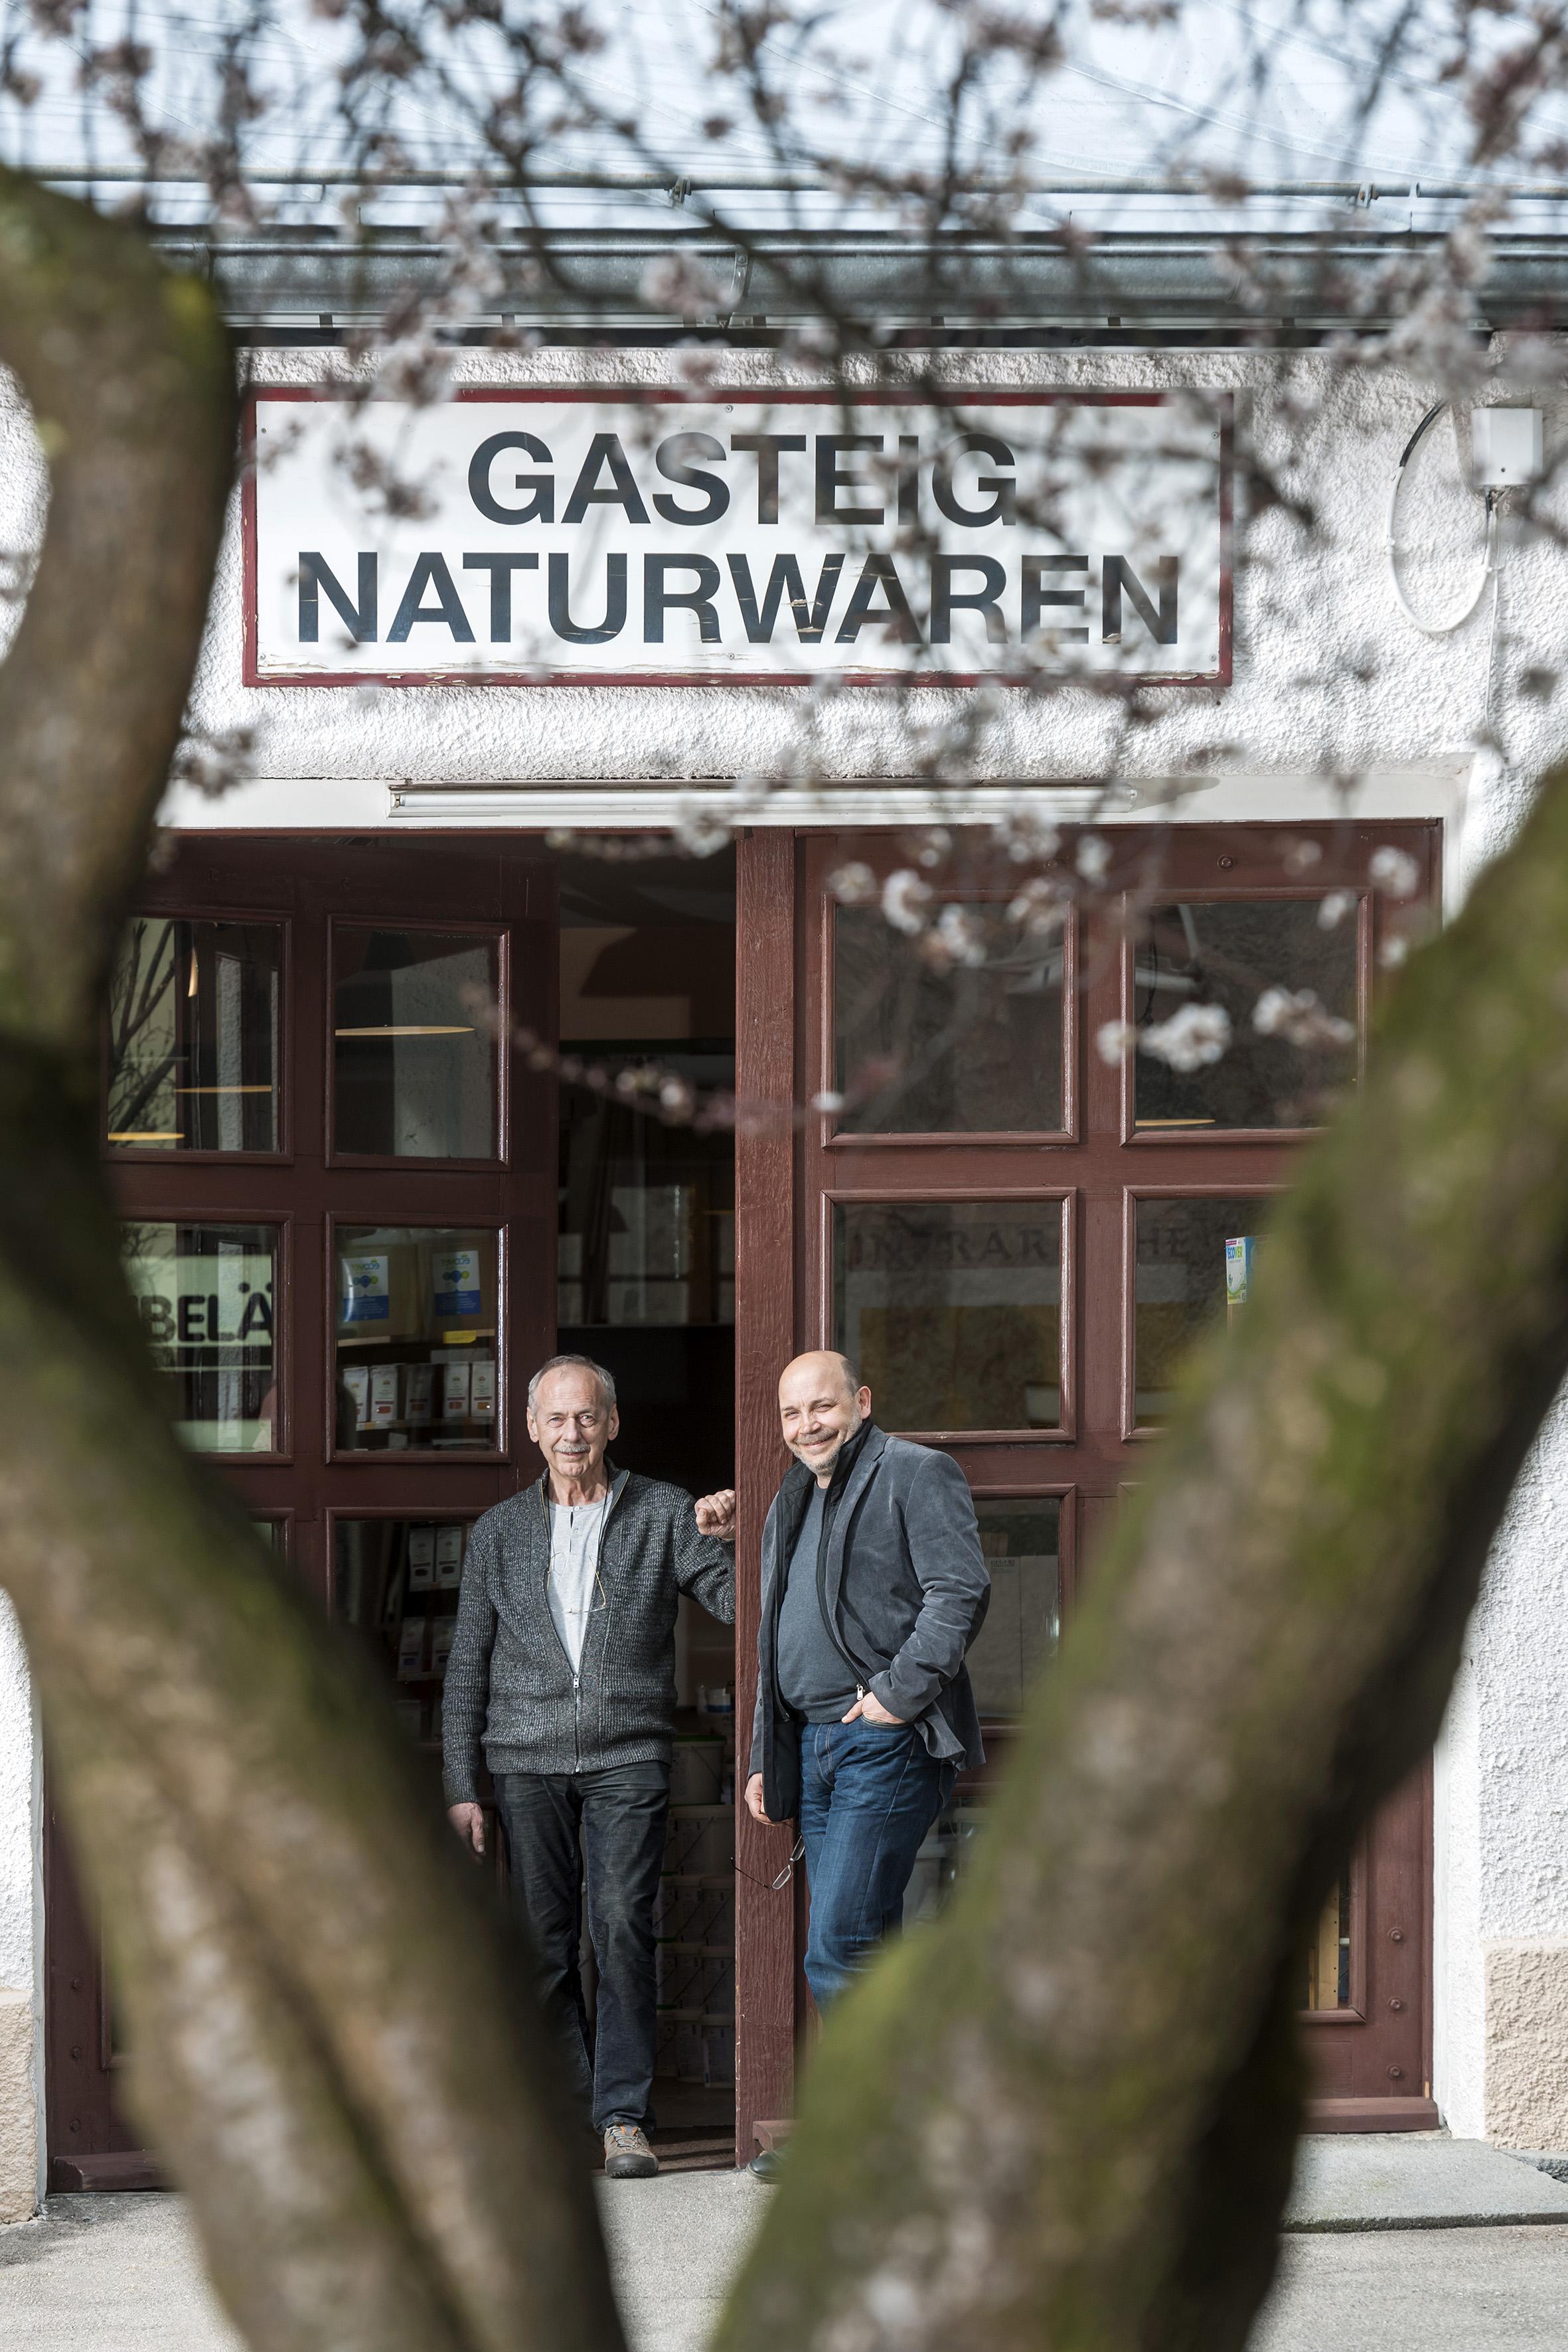 Gesundbaumarkt GmbH